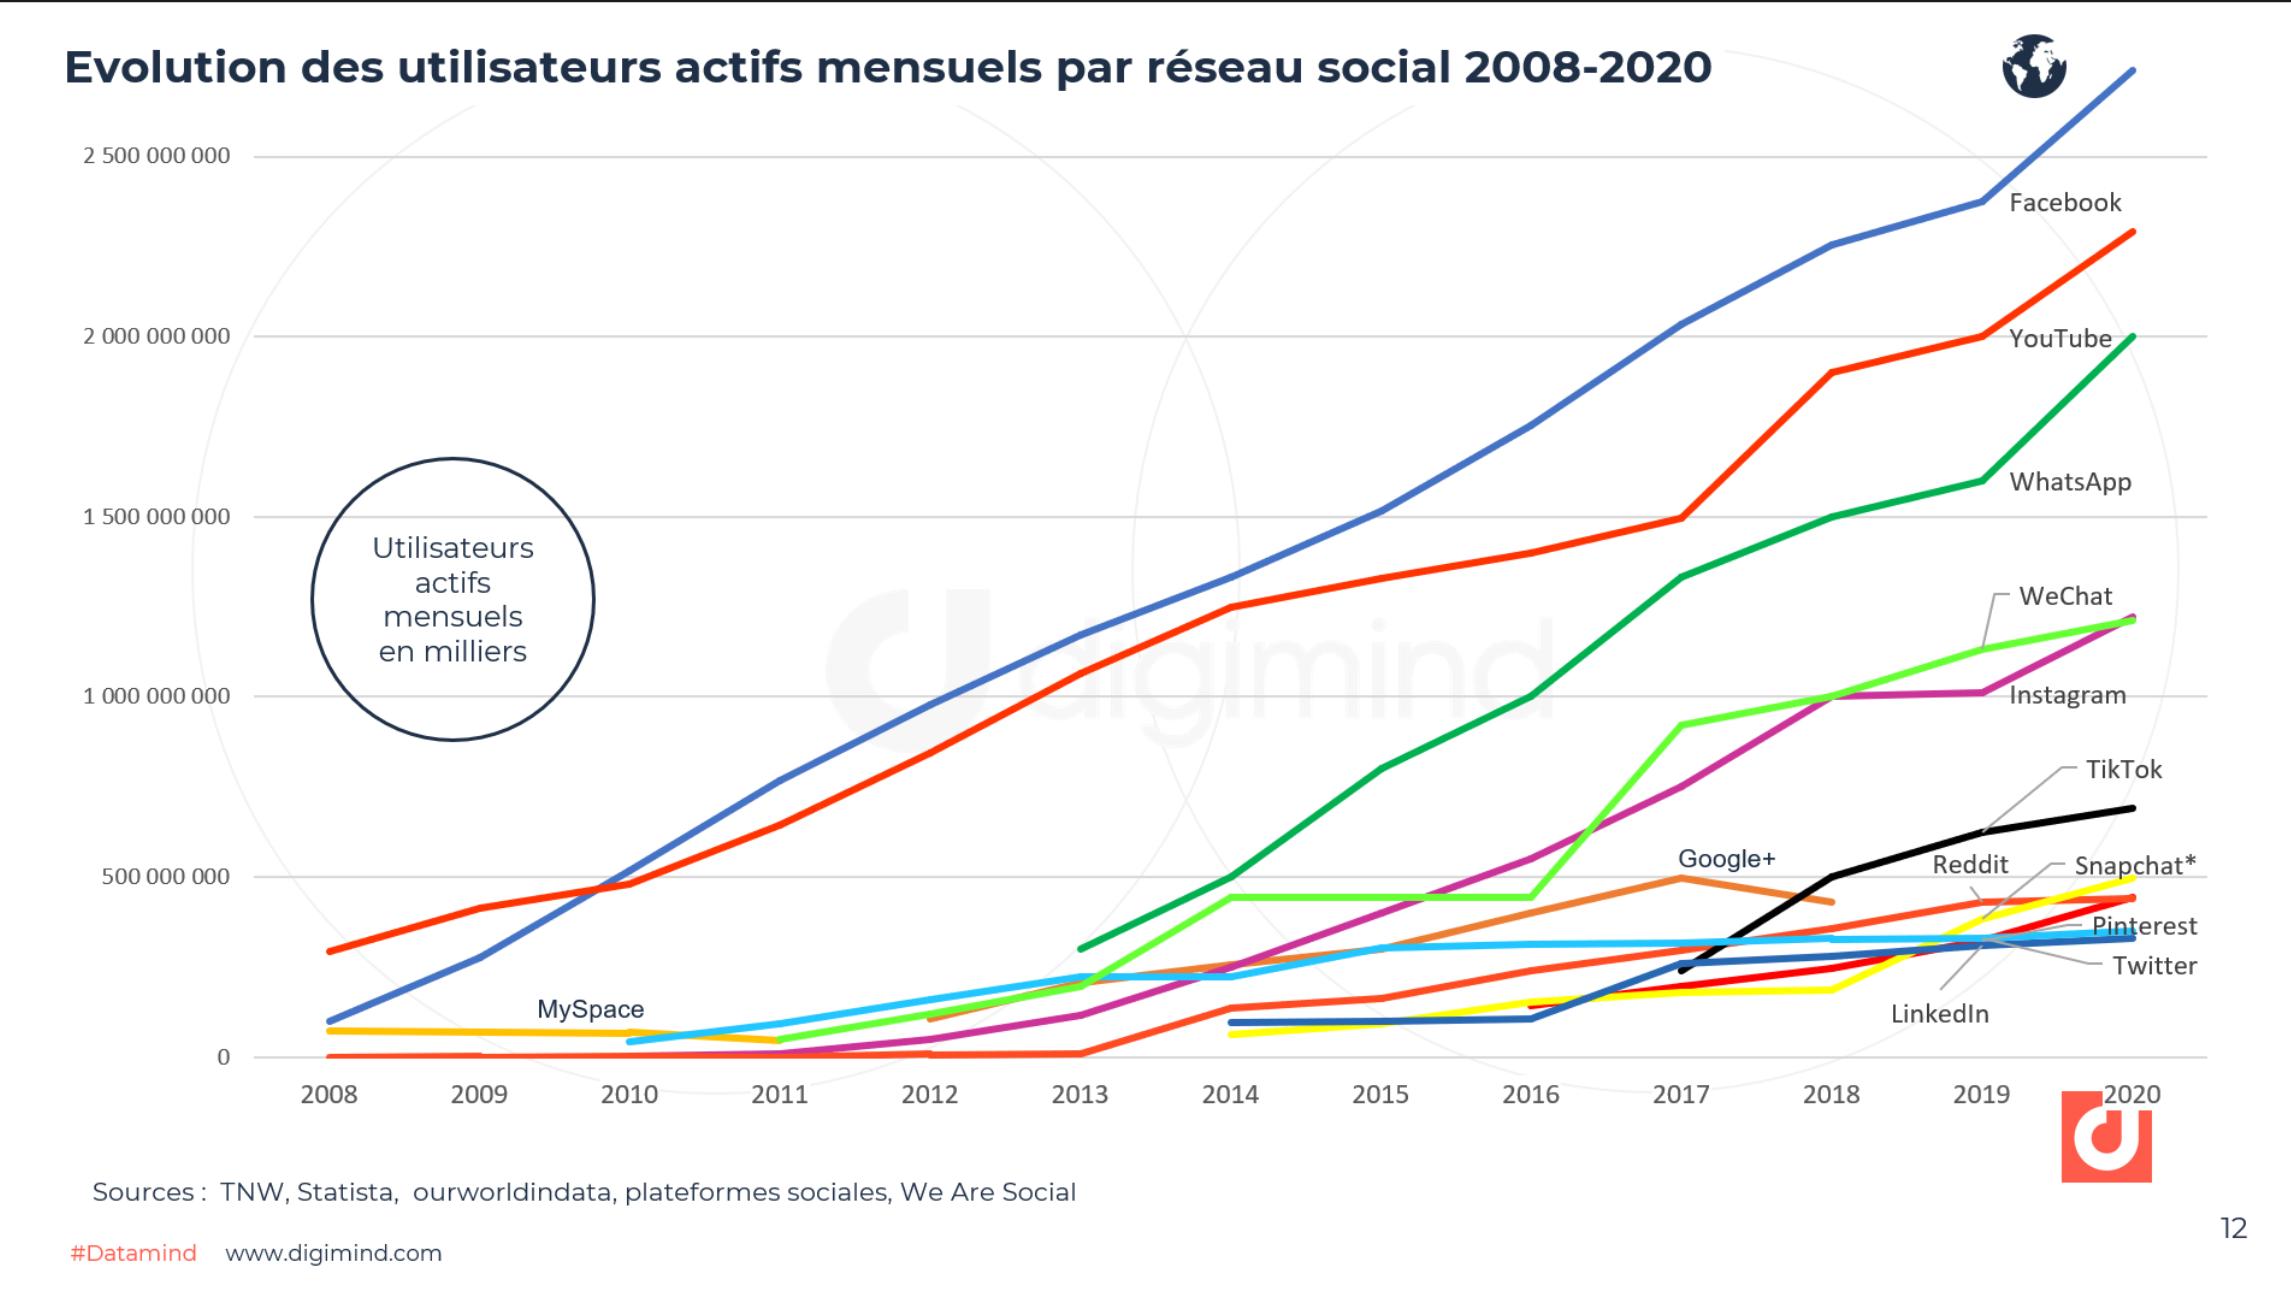 Evolution des utilisateurs actifs mensuels par réseau social 2008-2020.